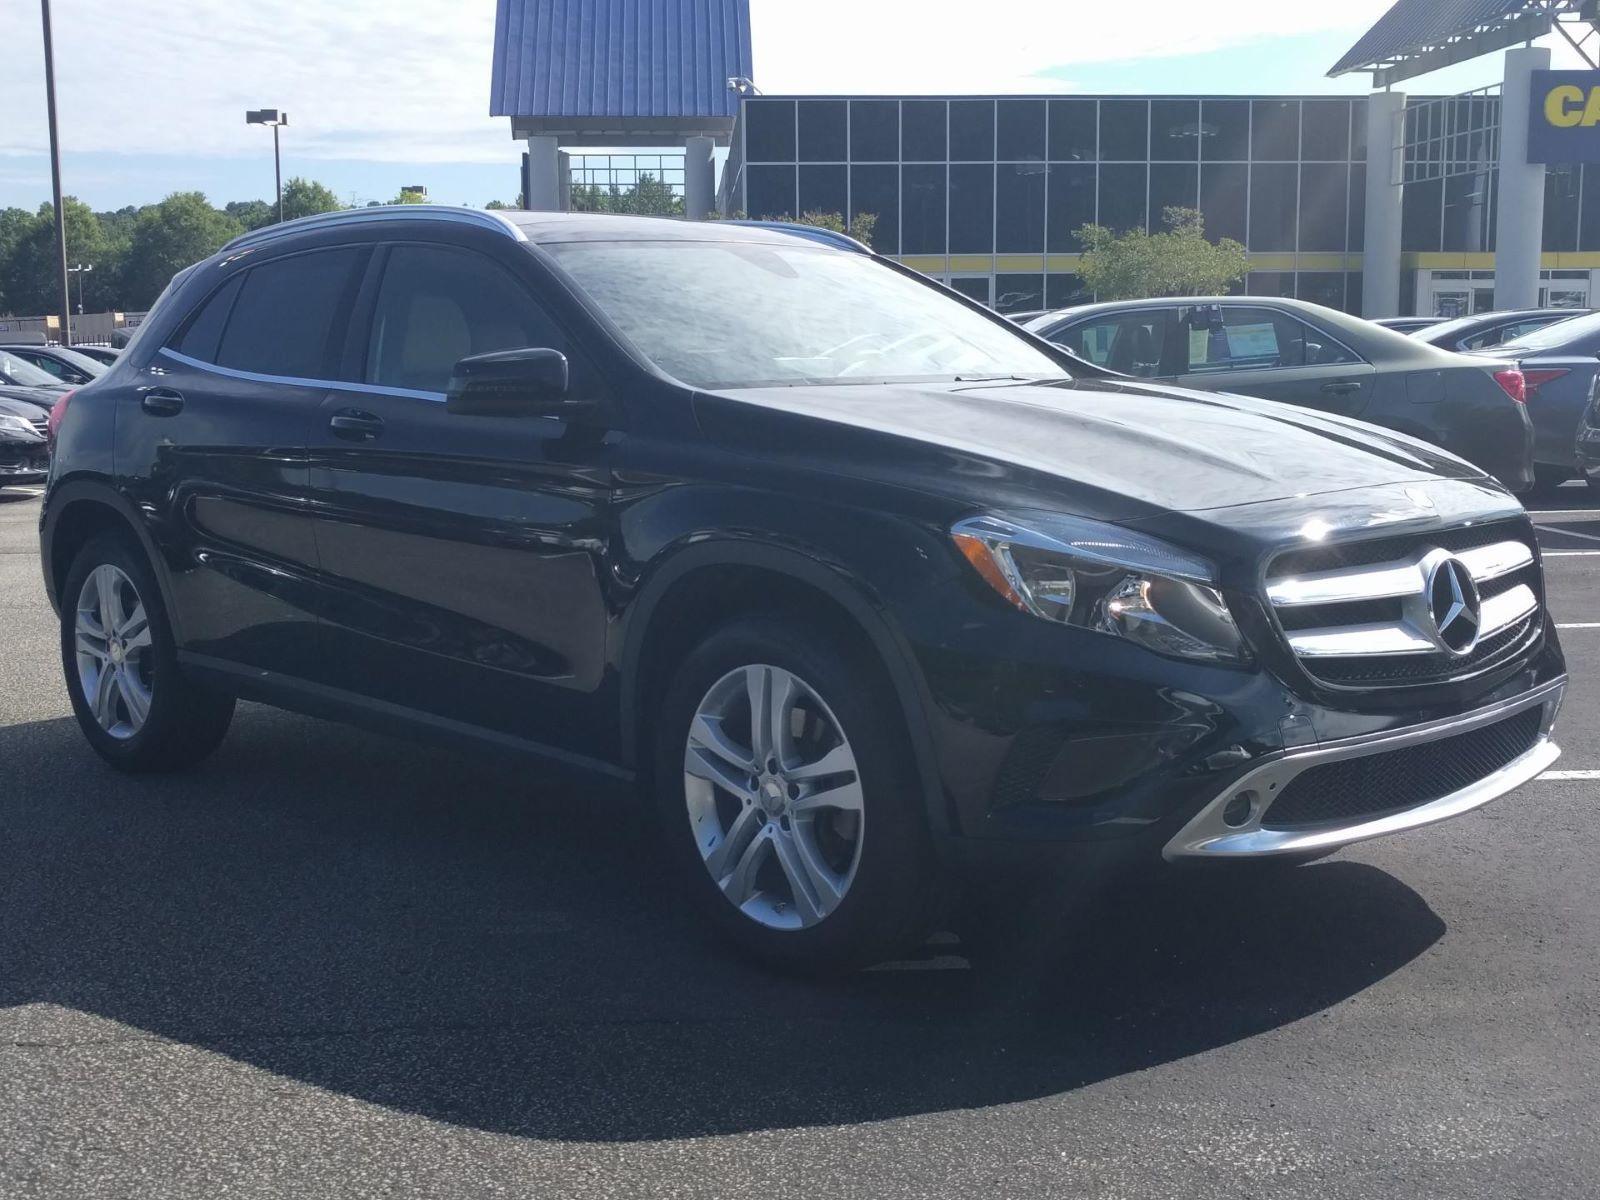 Used 2016 Mercedes-Benz GLA250 in Buford, Georgia   CarMax   Benz, Mercedes  benz, Mercedes